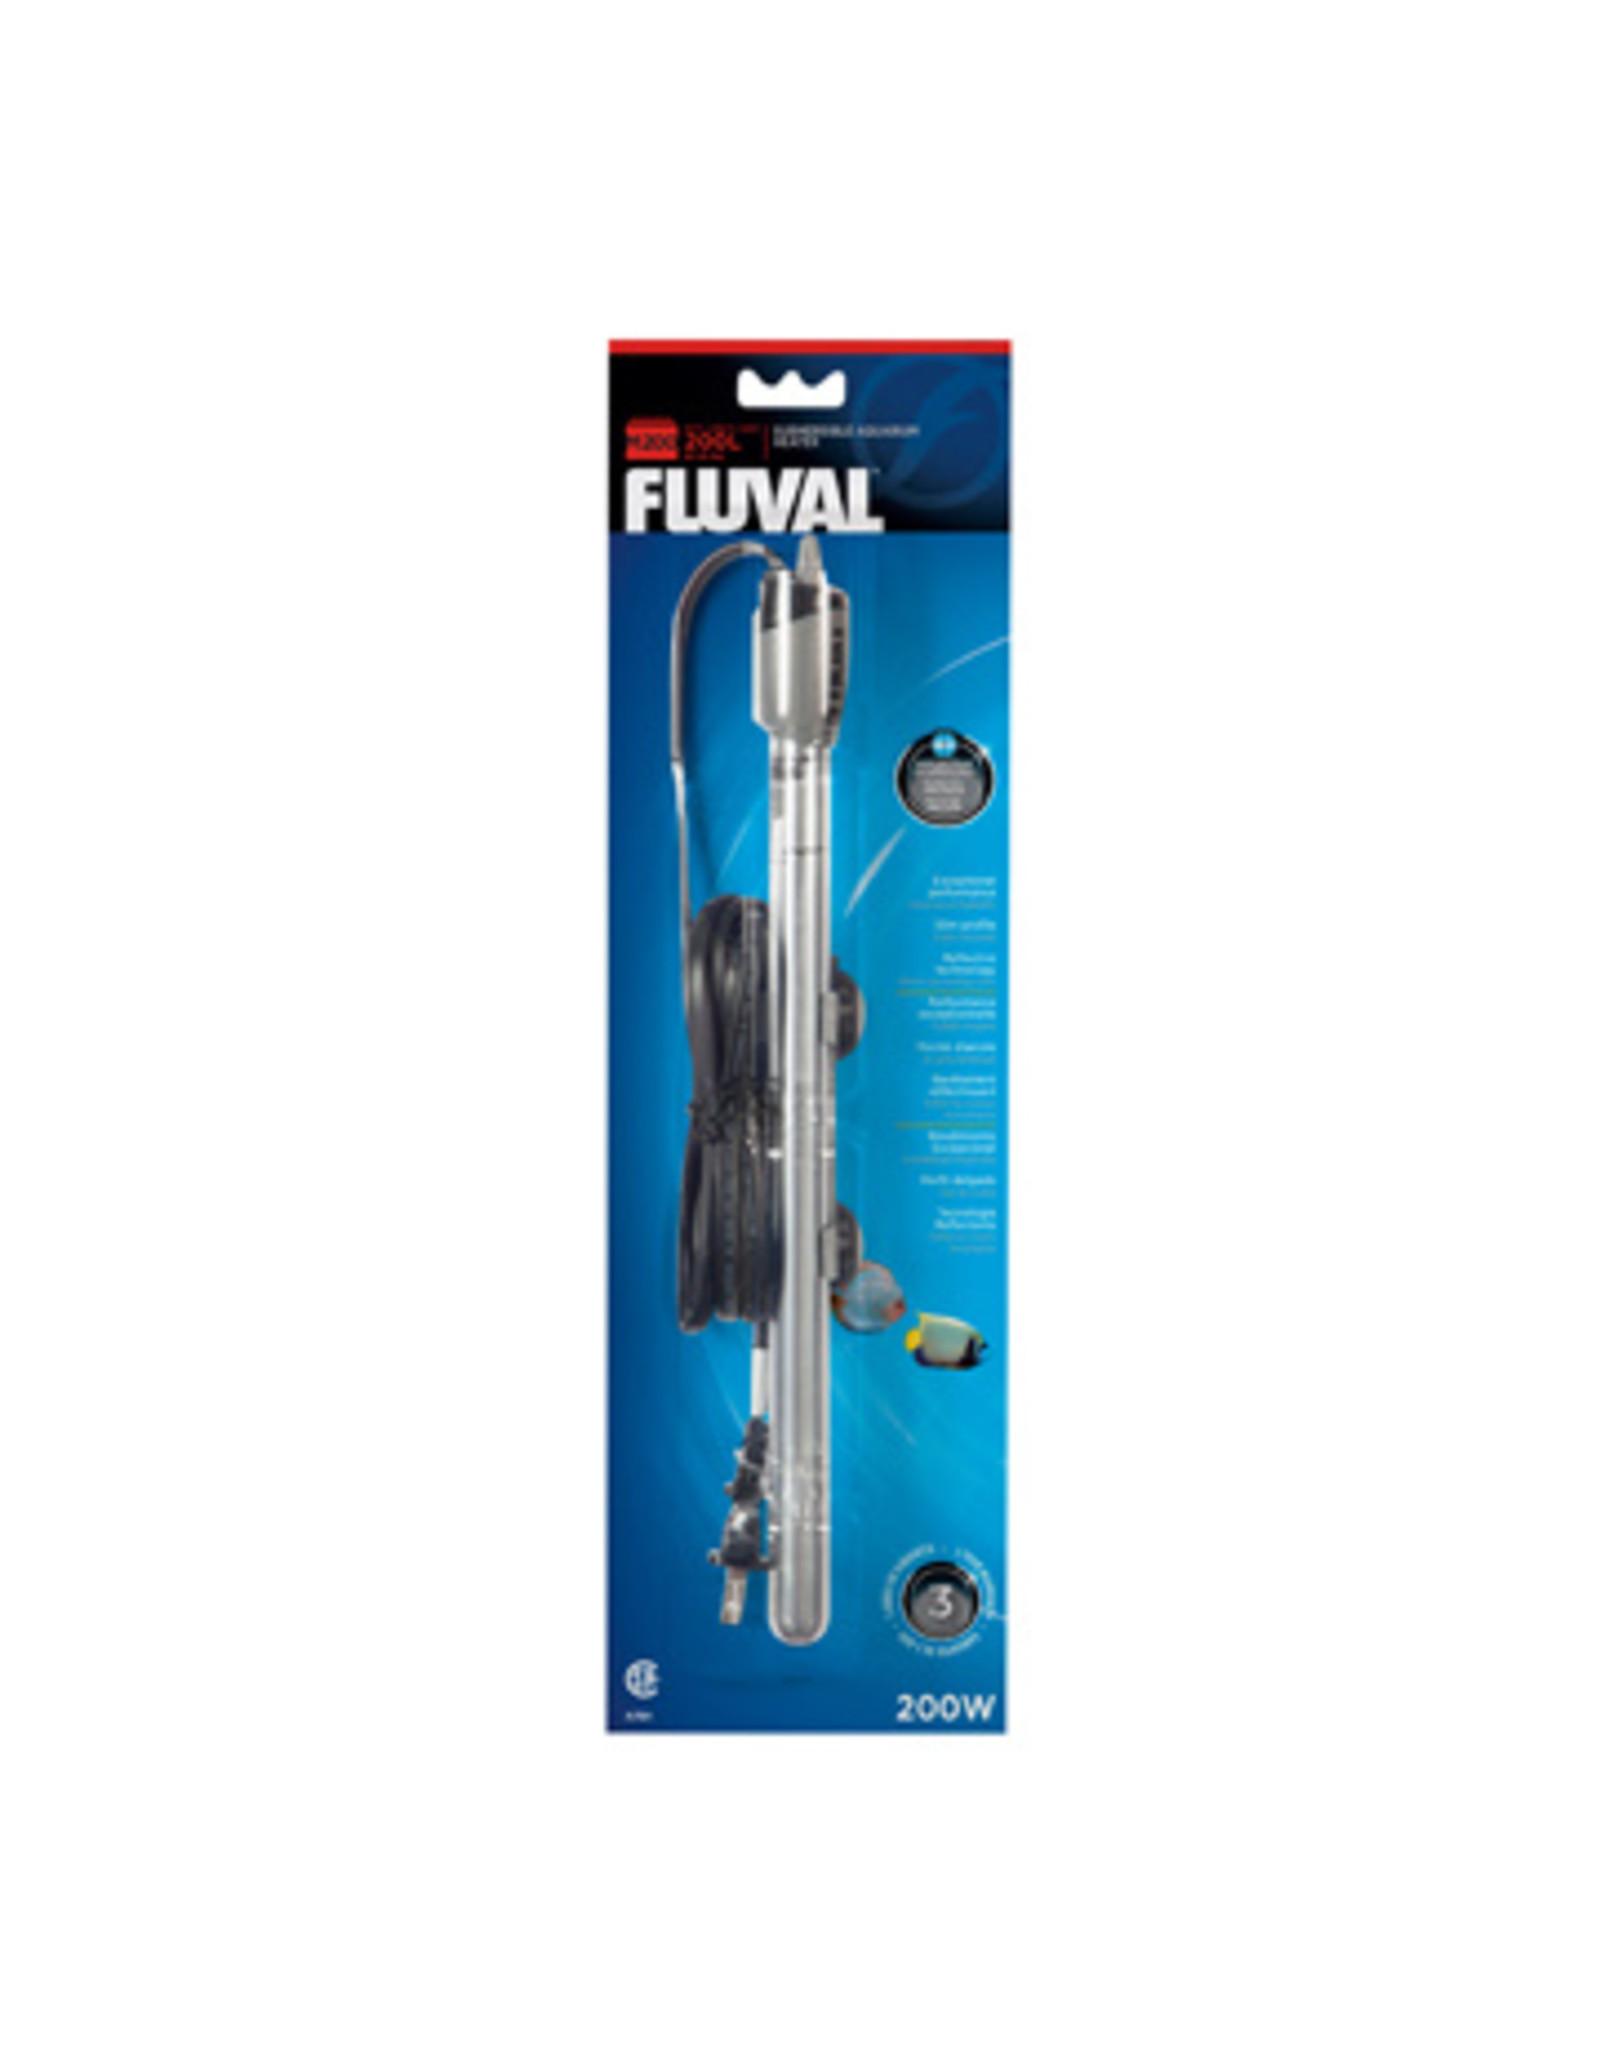 Fluval FLUVAL Submersible Aquarium Heater